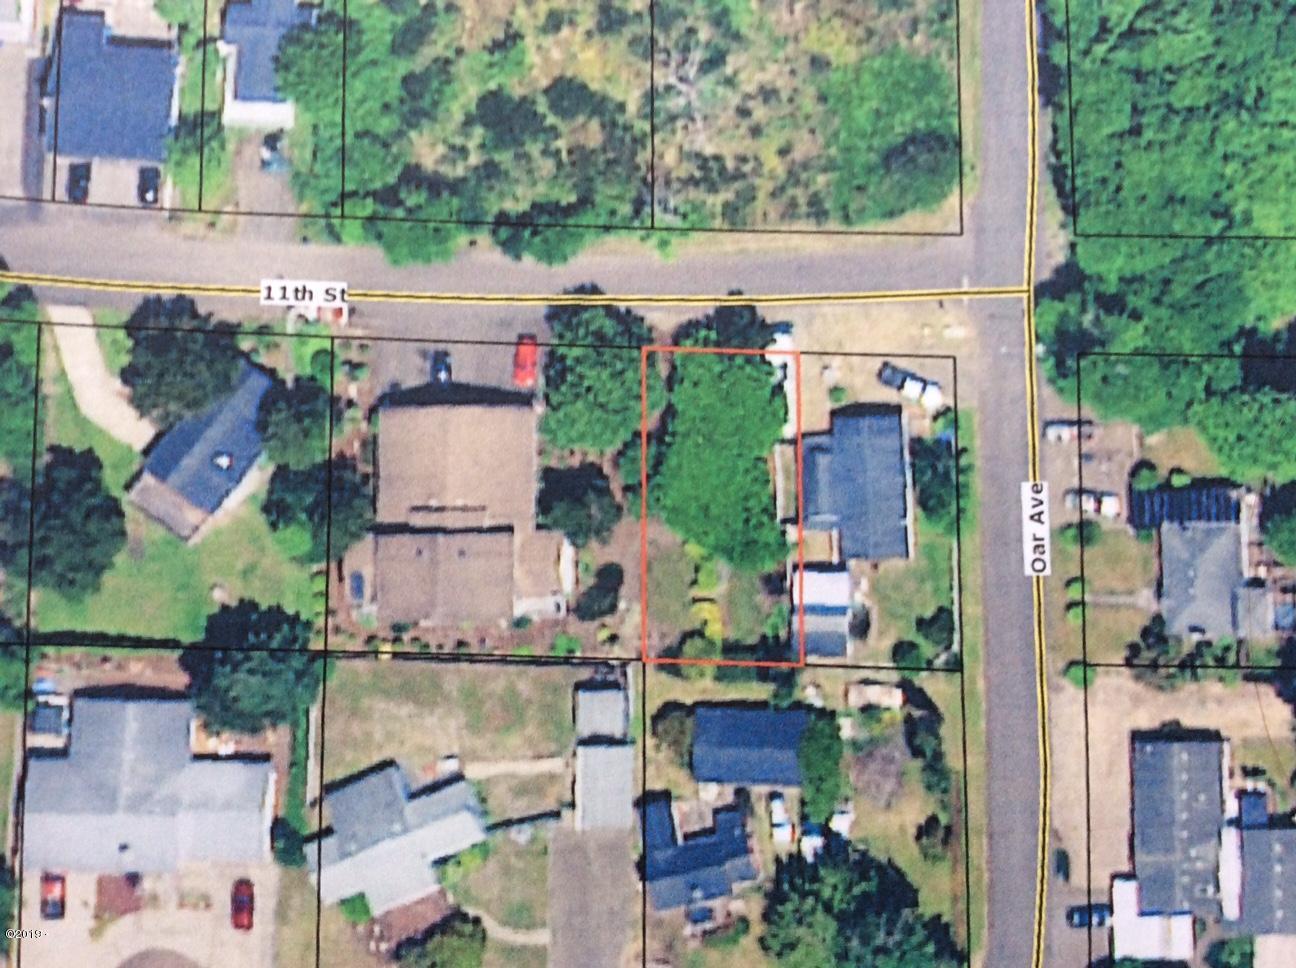 TL#12502 NE 11th St, Lincoln City, OR 97367 - NE11th St Lot#12502